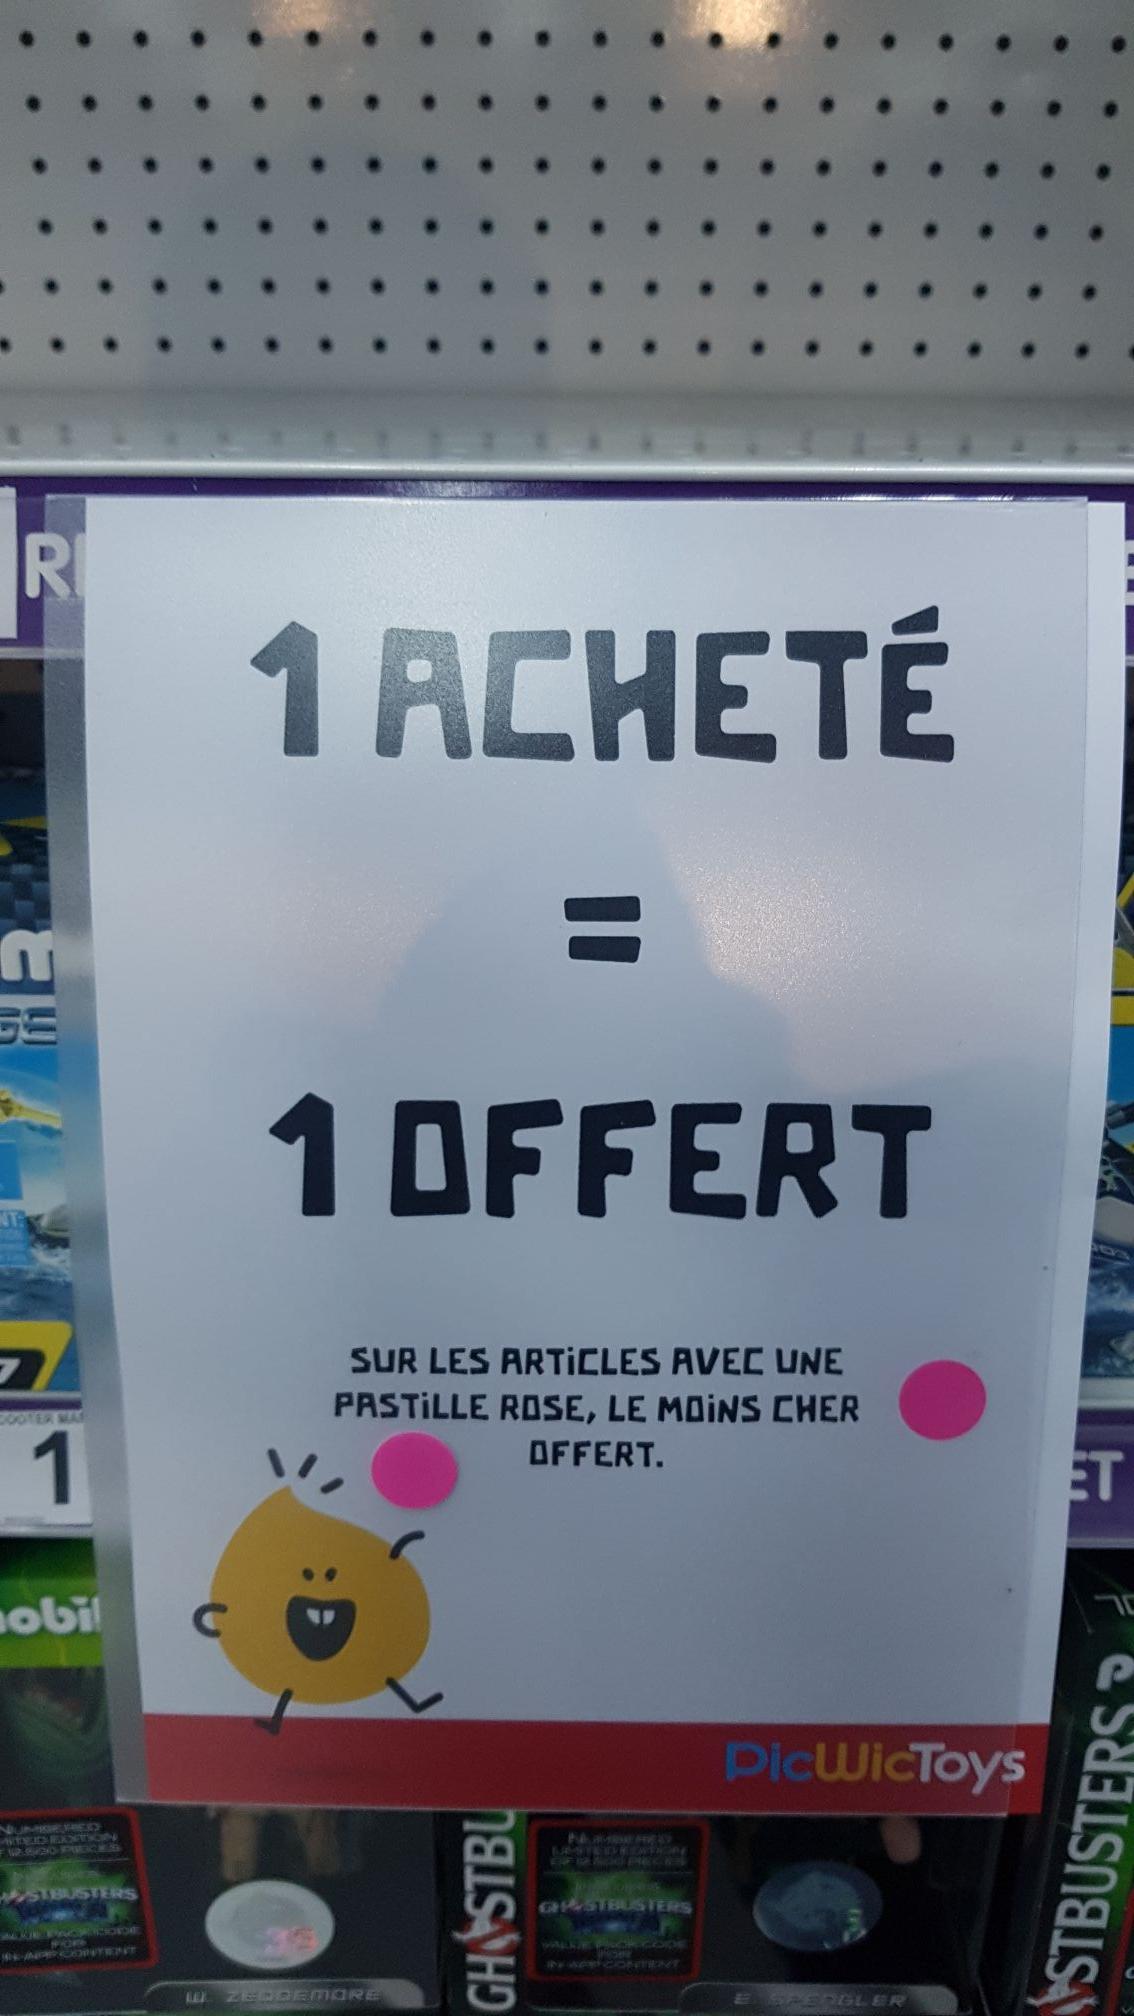 1 article acheté sur les articles possédant une pastille rose = 1 article offert (le moins cher) - Clermont-Ferrand (63)